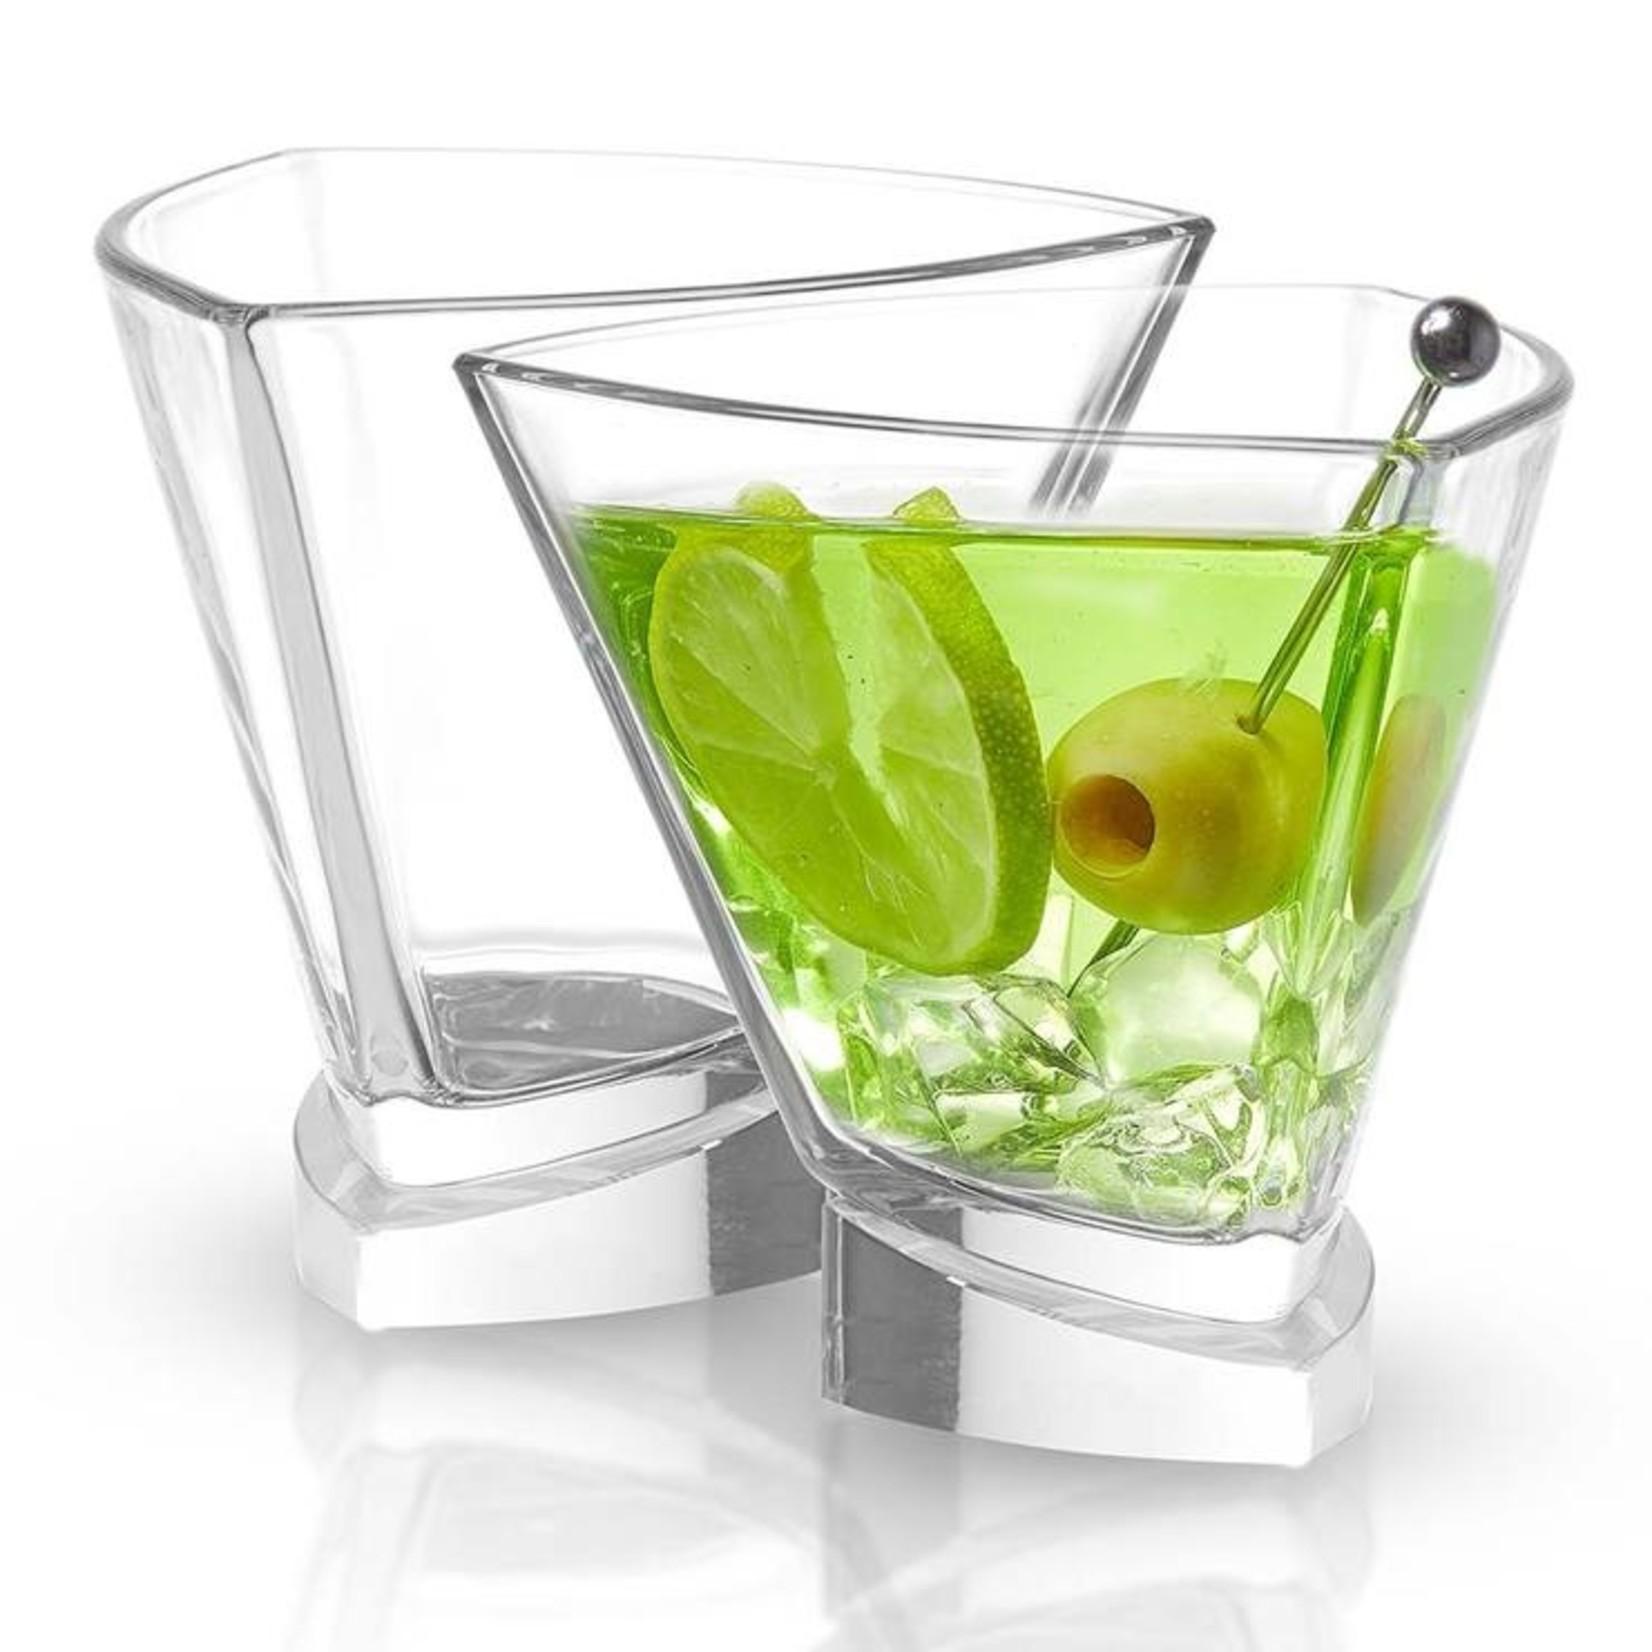 Joy Jolt AV Triangle Martini Glasses - set of 2